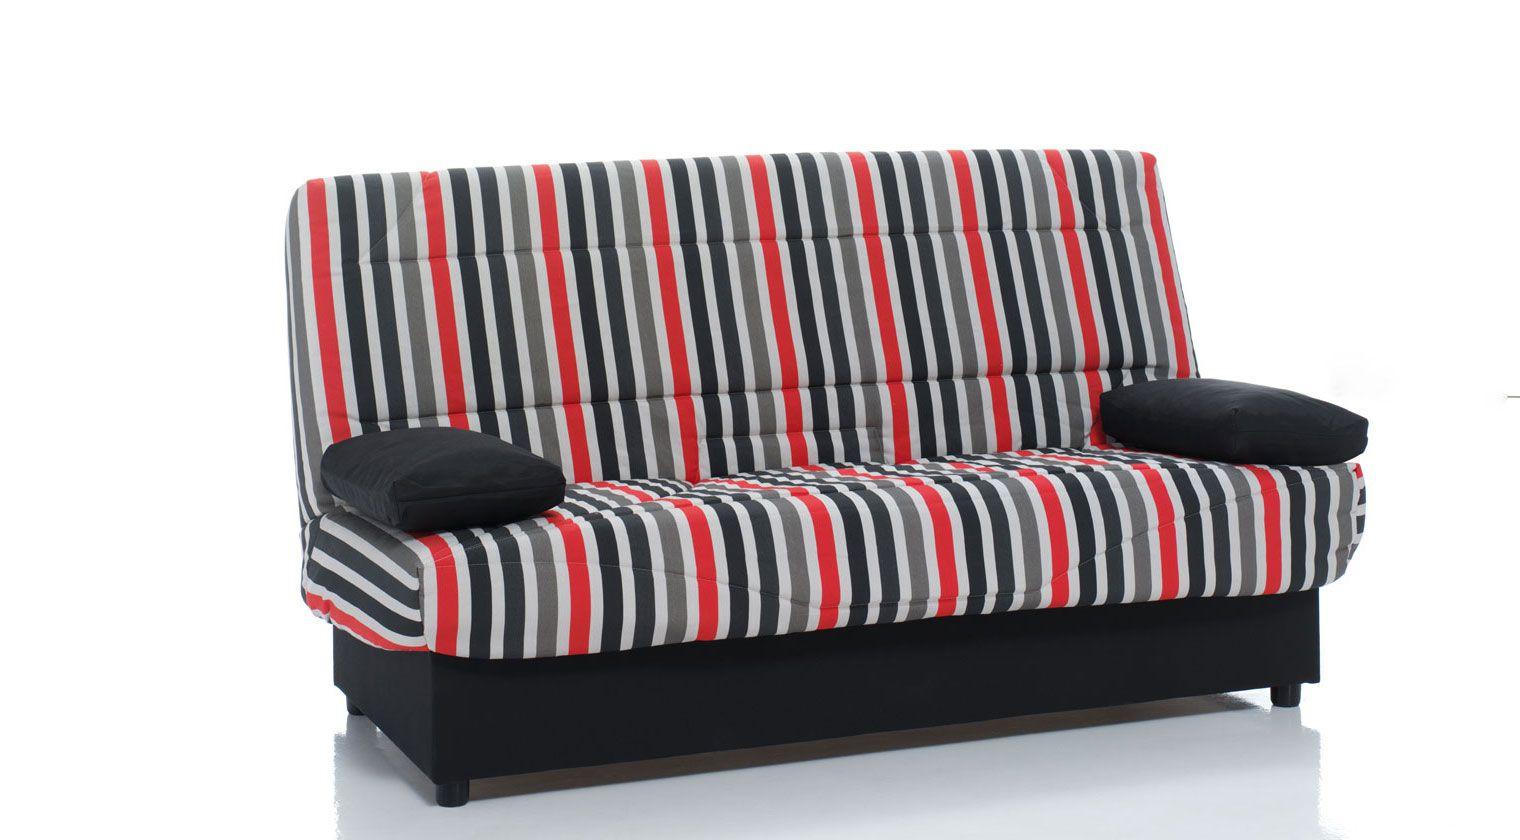 Sof cama atlas sofas cama clic clac for Sofas cama clic clac baratos